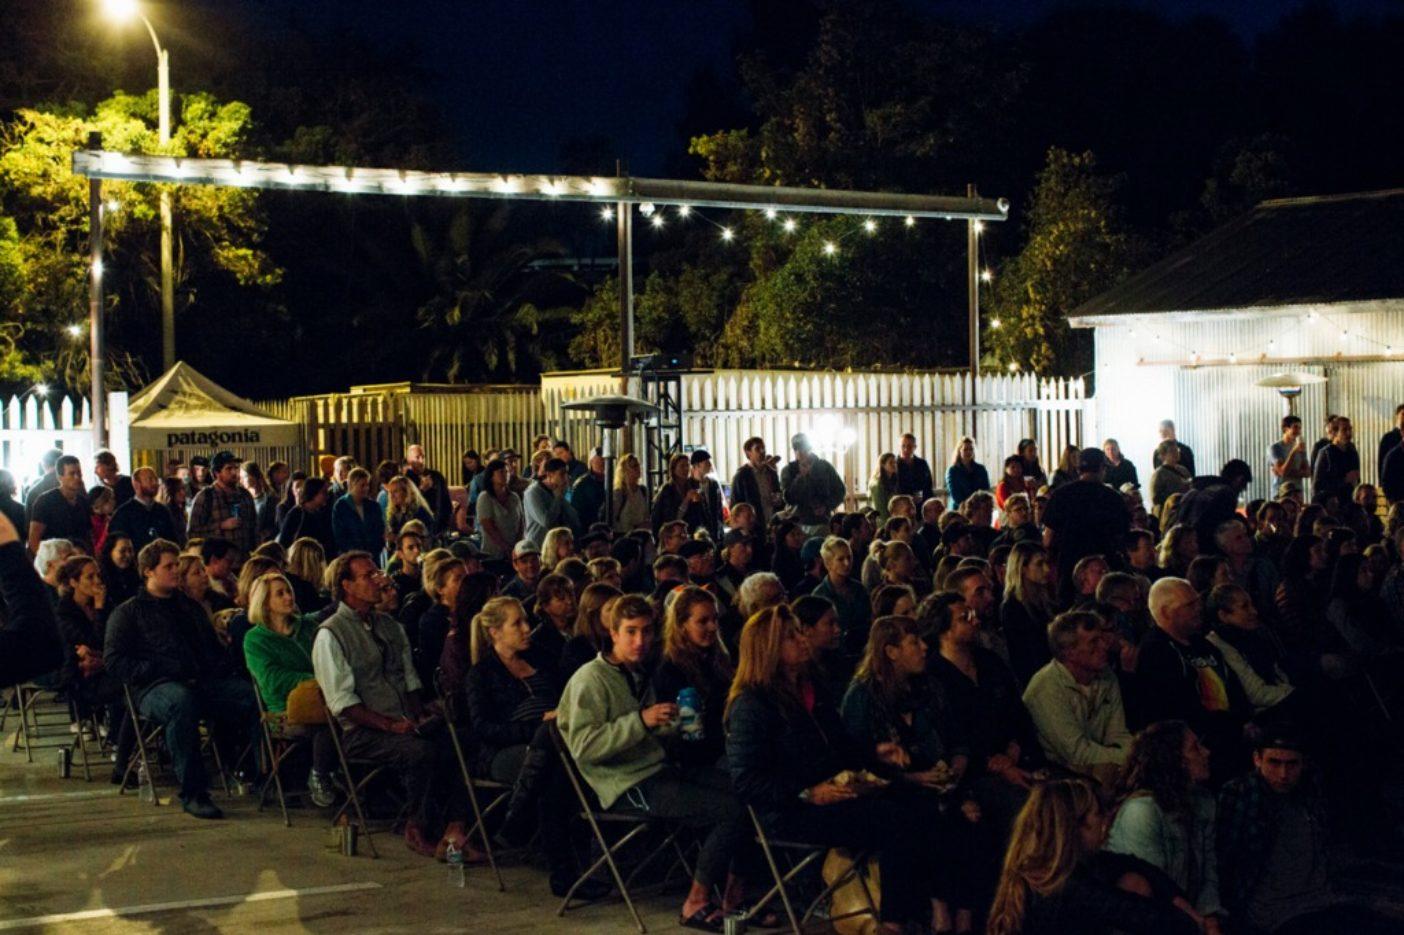 この特別なイベントとFacebookライブの討論会に参加してくれた皆さんに感謝。Photo: Kyle Sparks